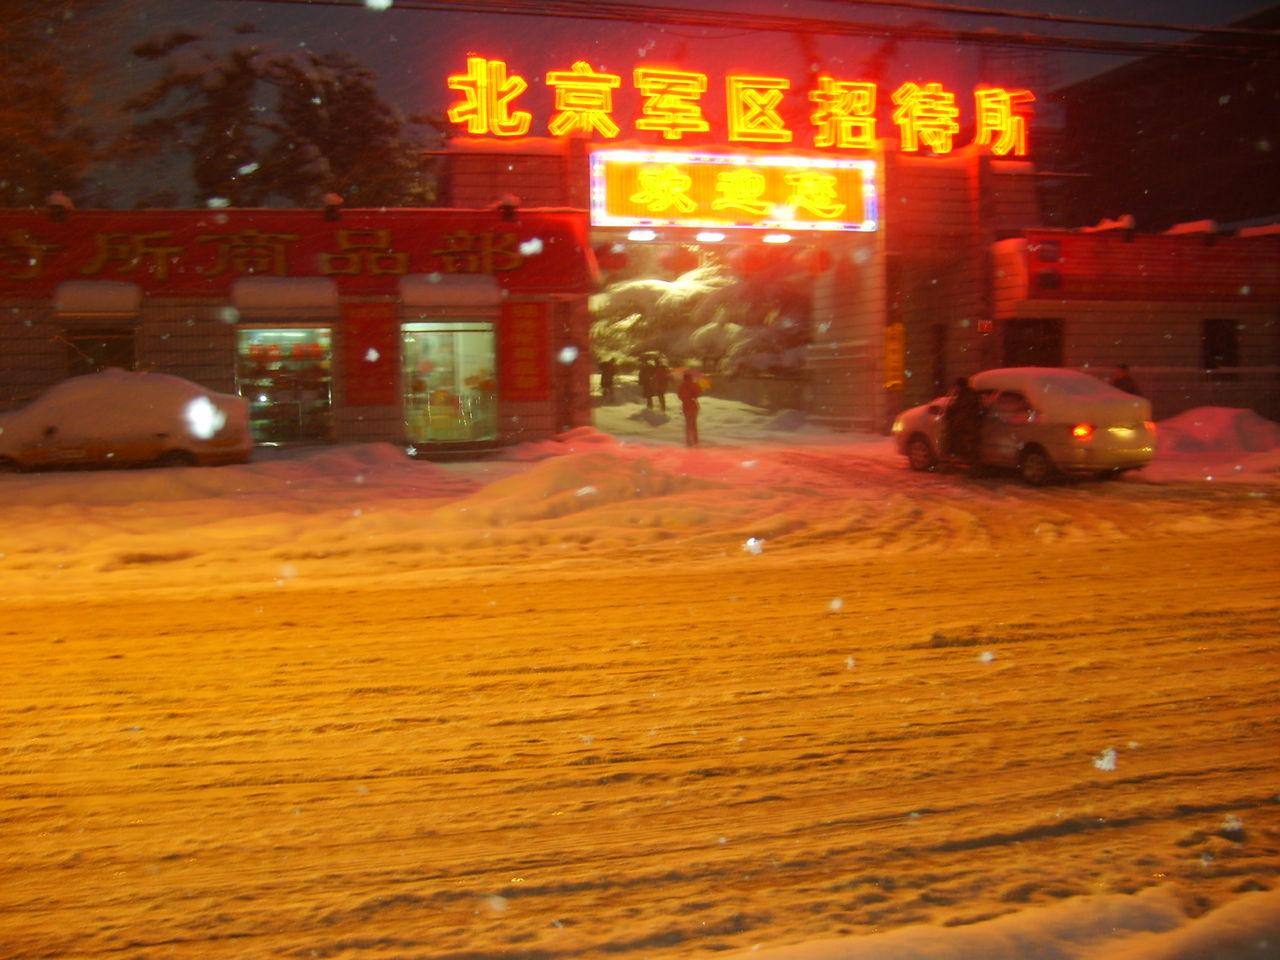 雪后清晨八大处 - 风水专家 - 风水专家的博客